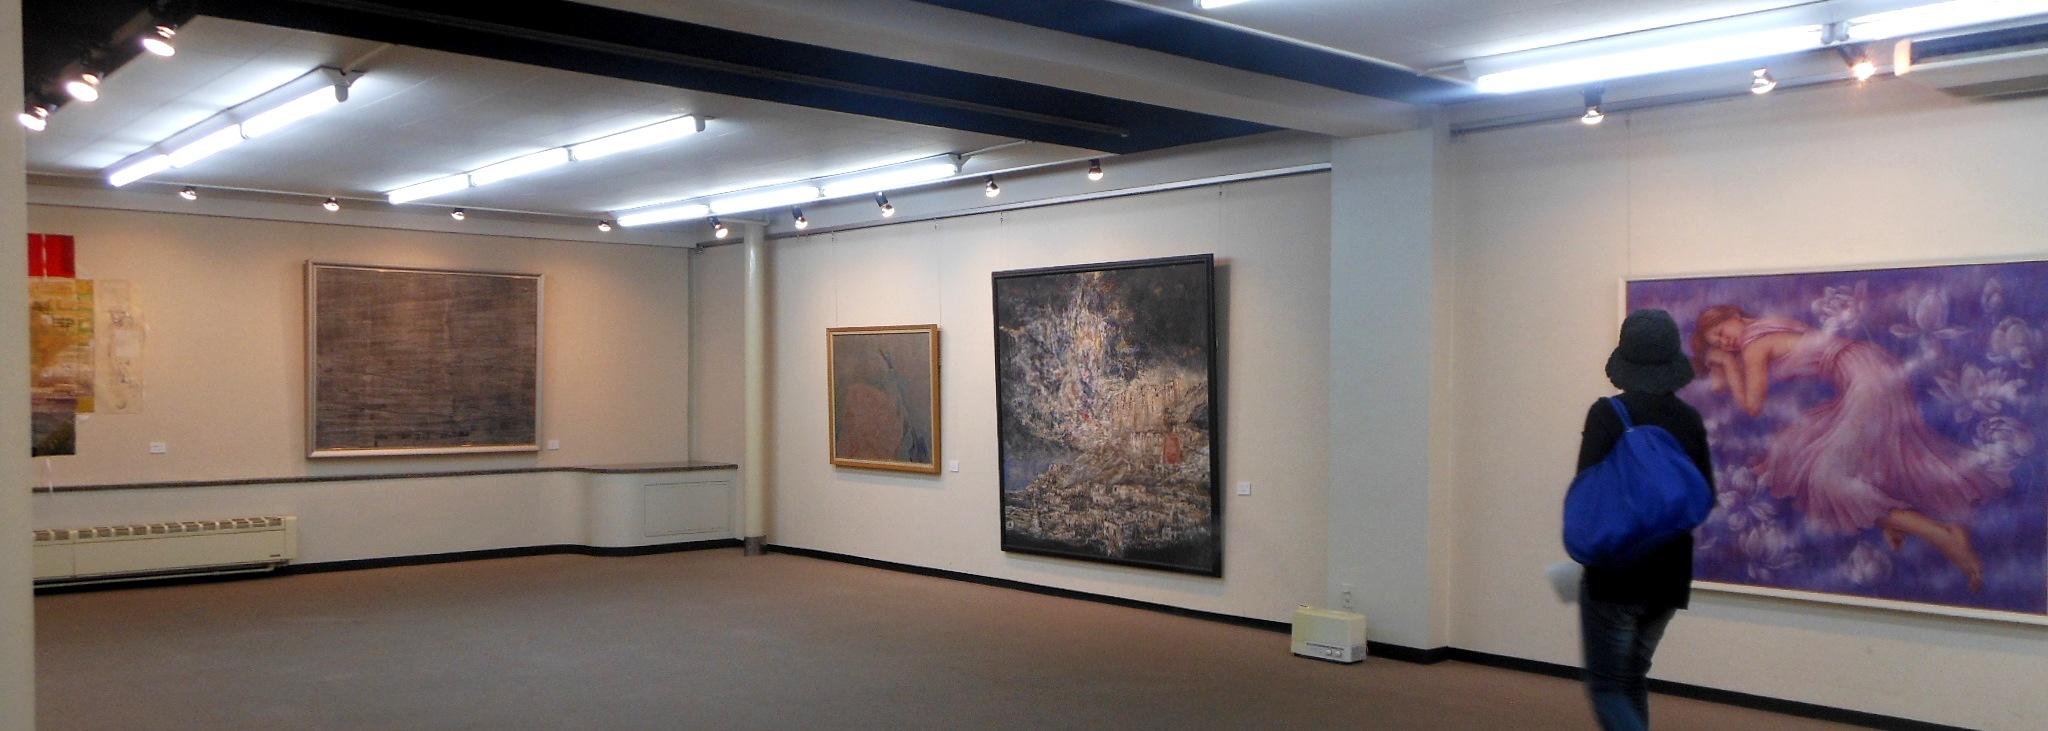 1771)①「北の日本画展 第27回」 時計台 終了5月21日(月)~5月26日(土)  _f0126829_0271818.jpg